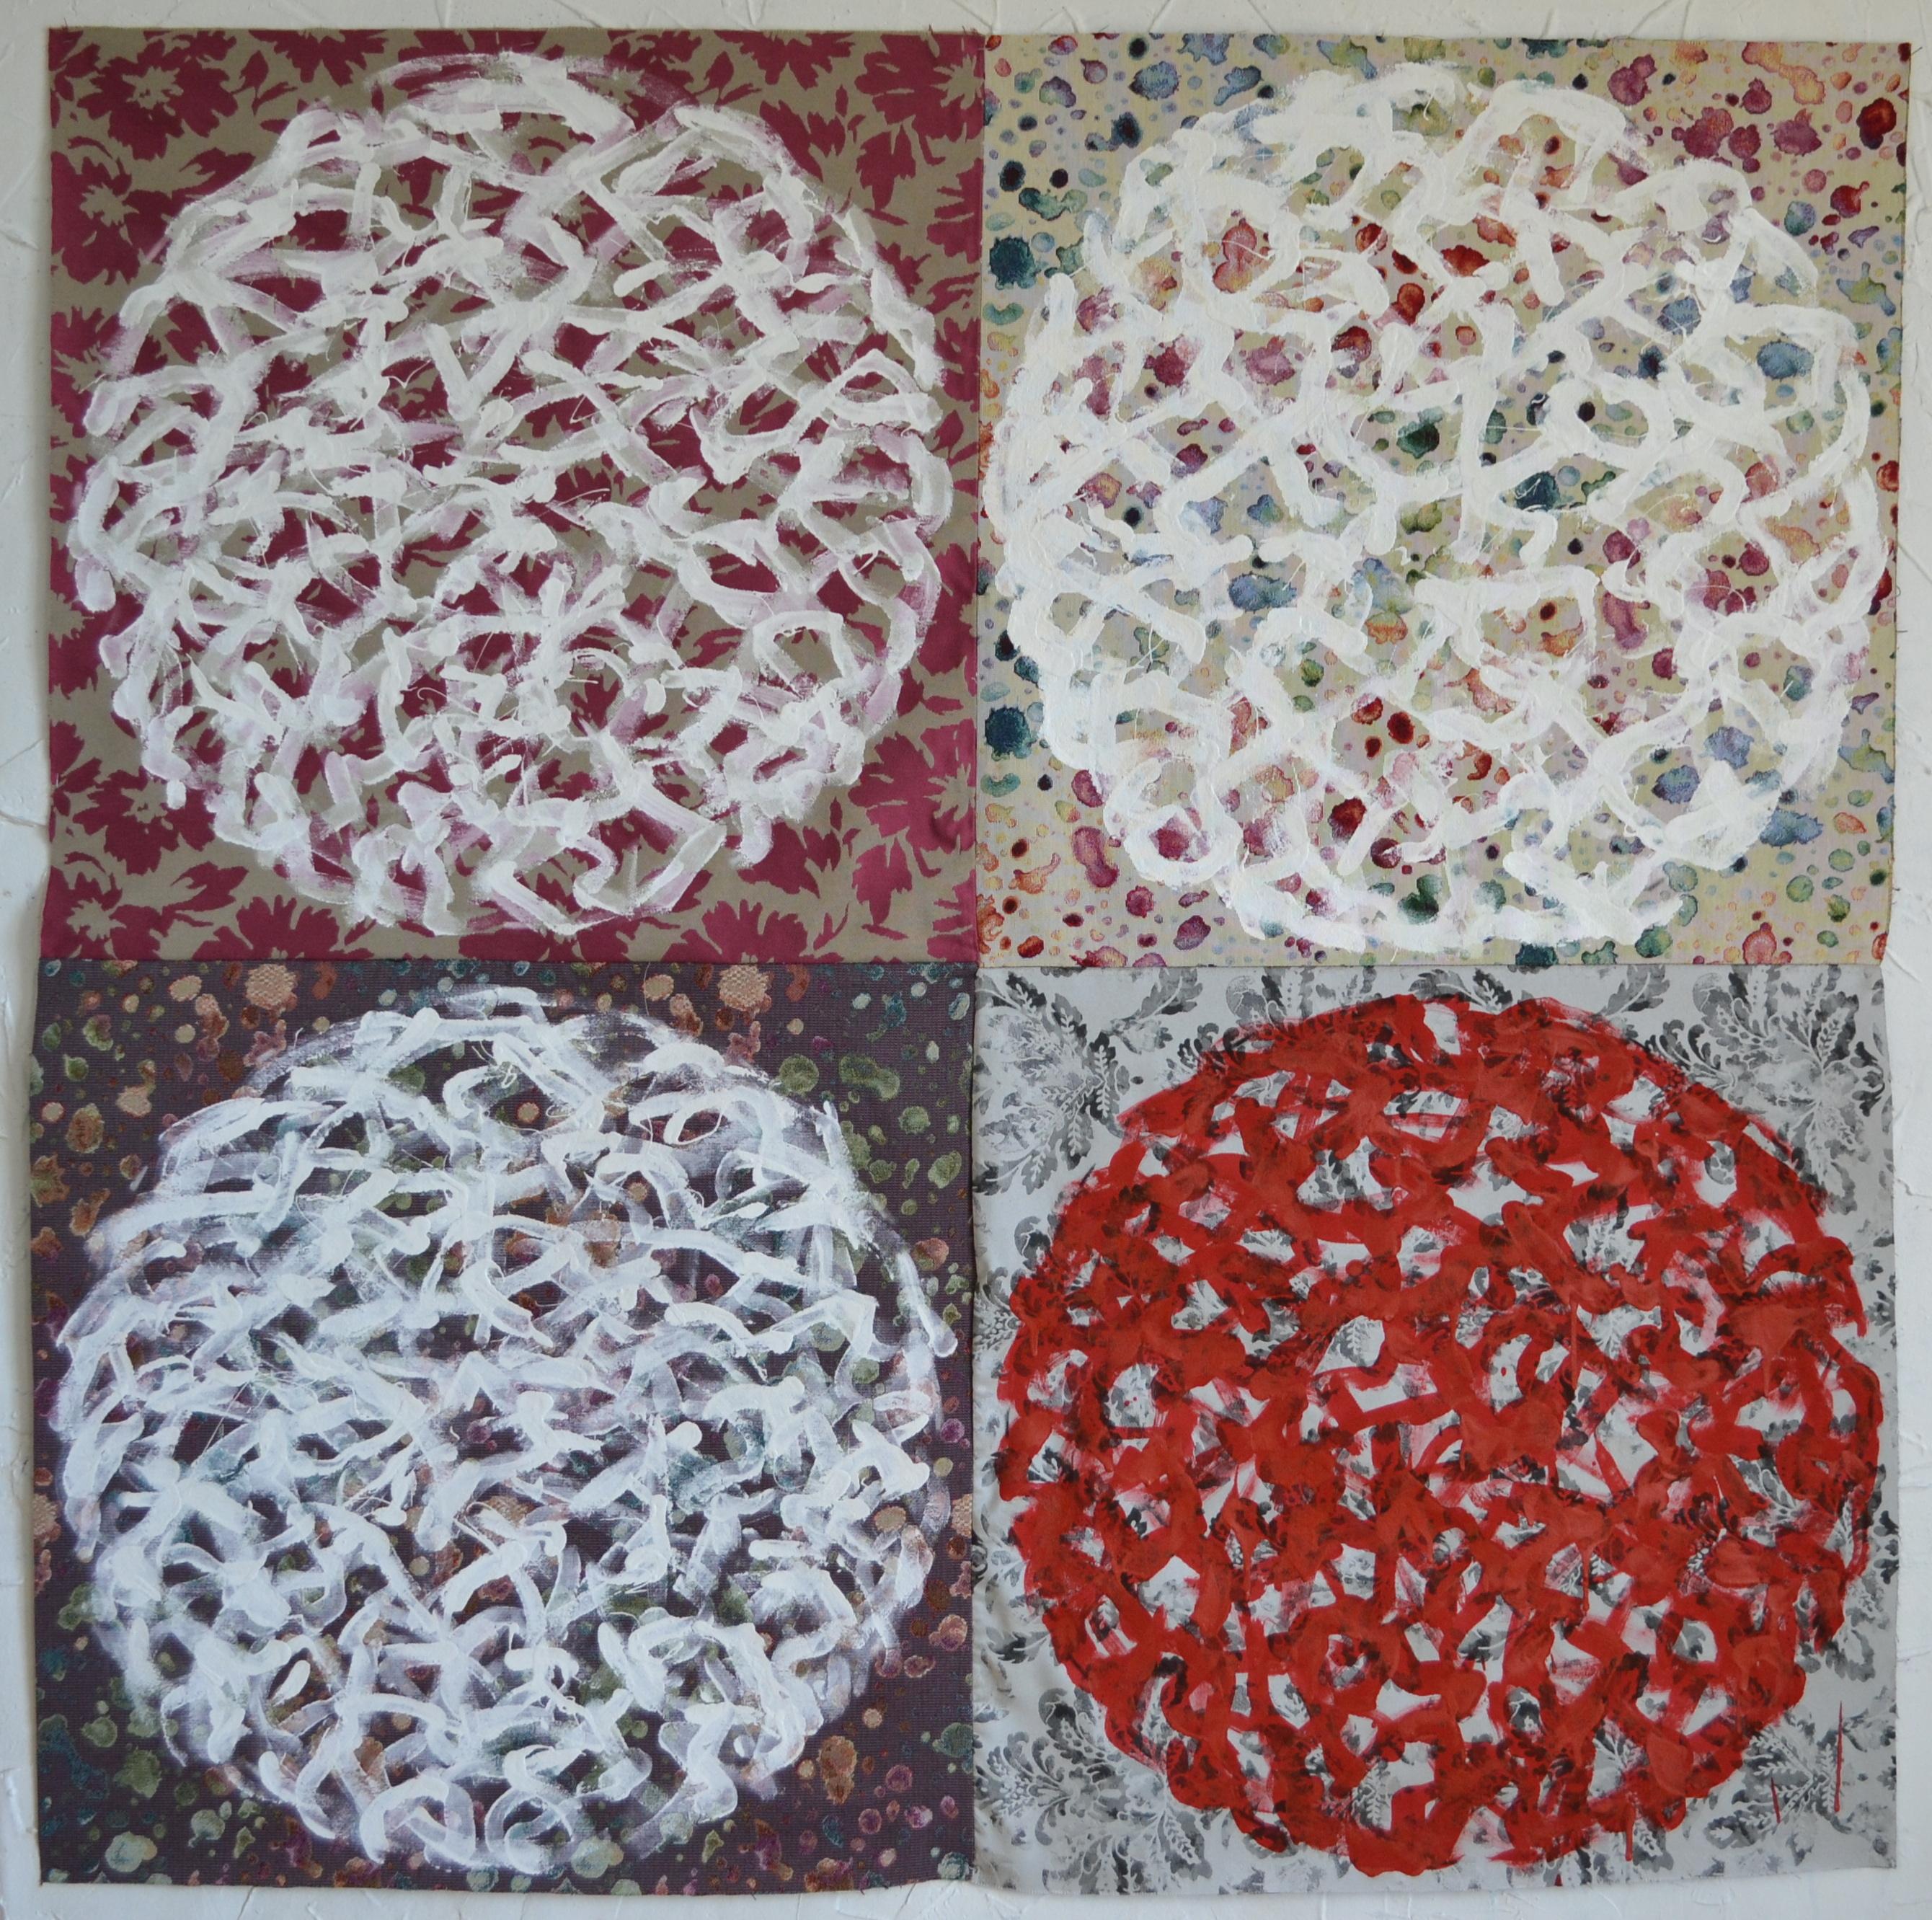 Mappemonde Peinture, acrylique sur tissu libre, 140 x 140 cm